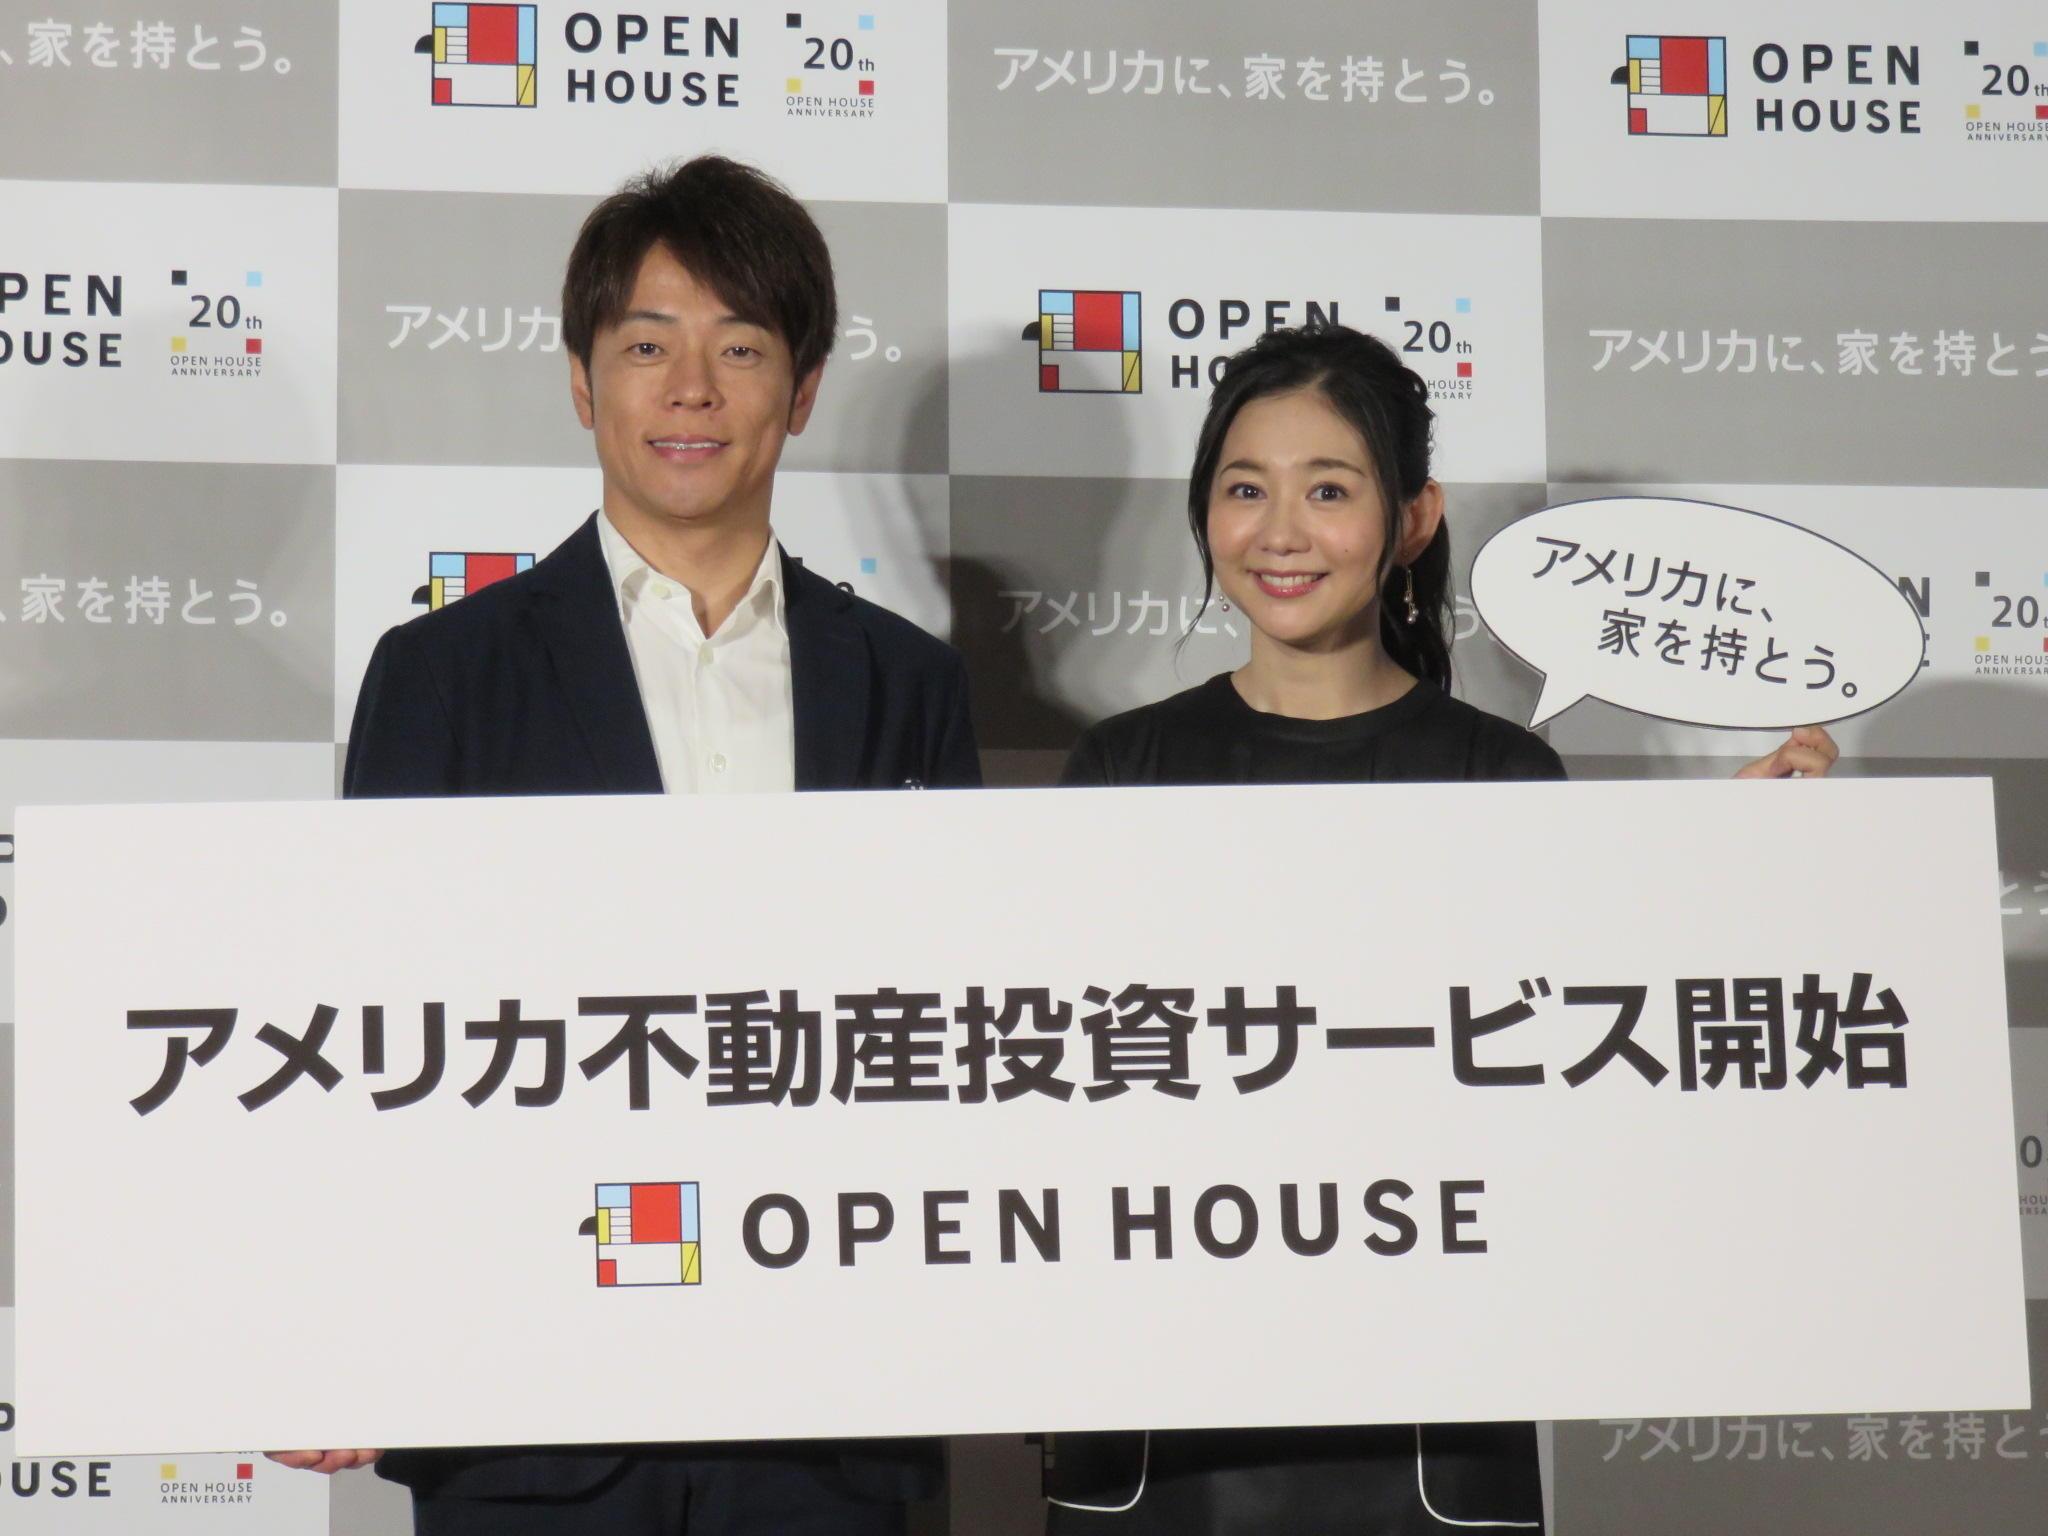 http://news.yoshimoto.co.jp/20170905214744-2191570f40cf41b92f90095676619cc6799dc303.jpg